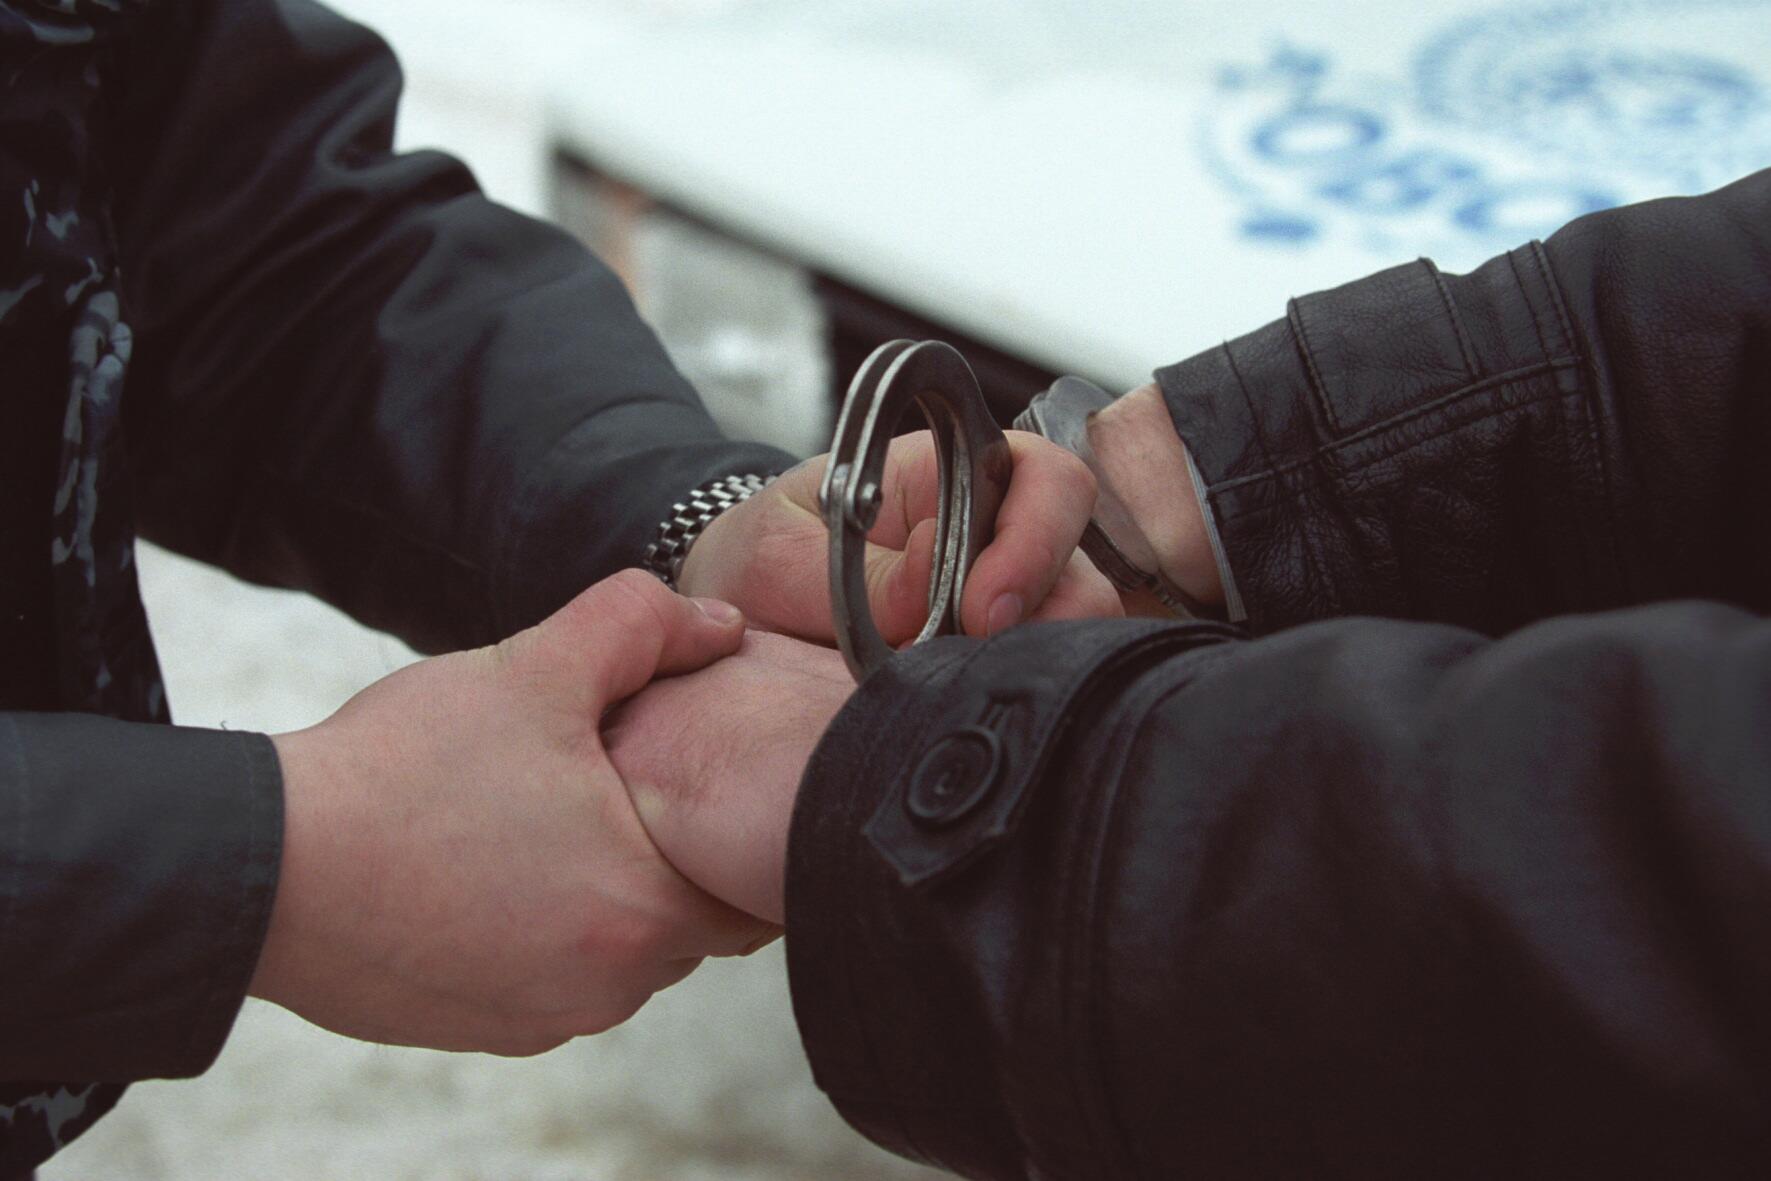 Вышедший из тюрьмы приднестровец продержался всего 9 дней до новой кражи